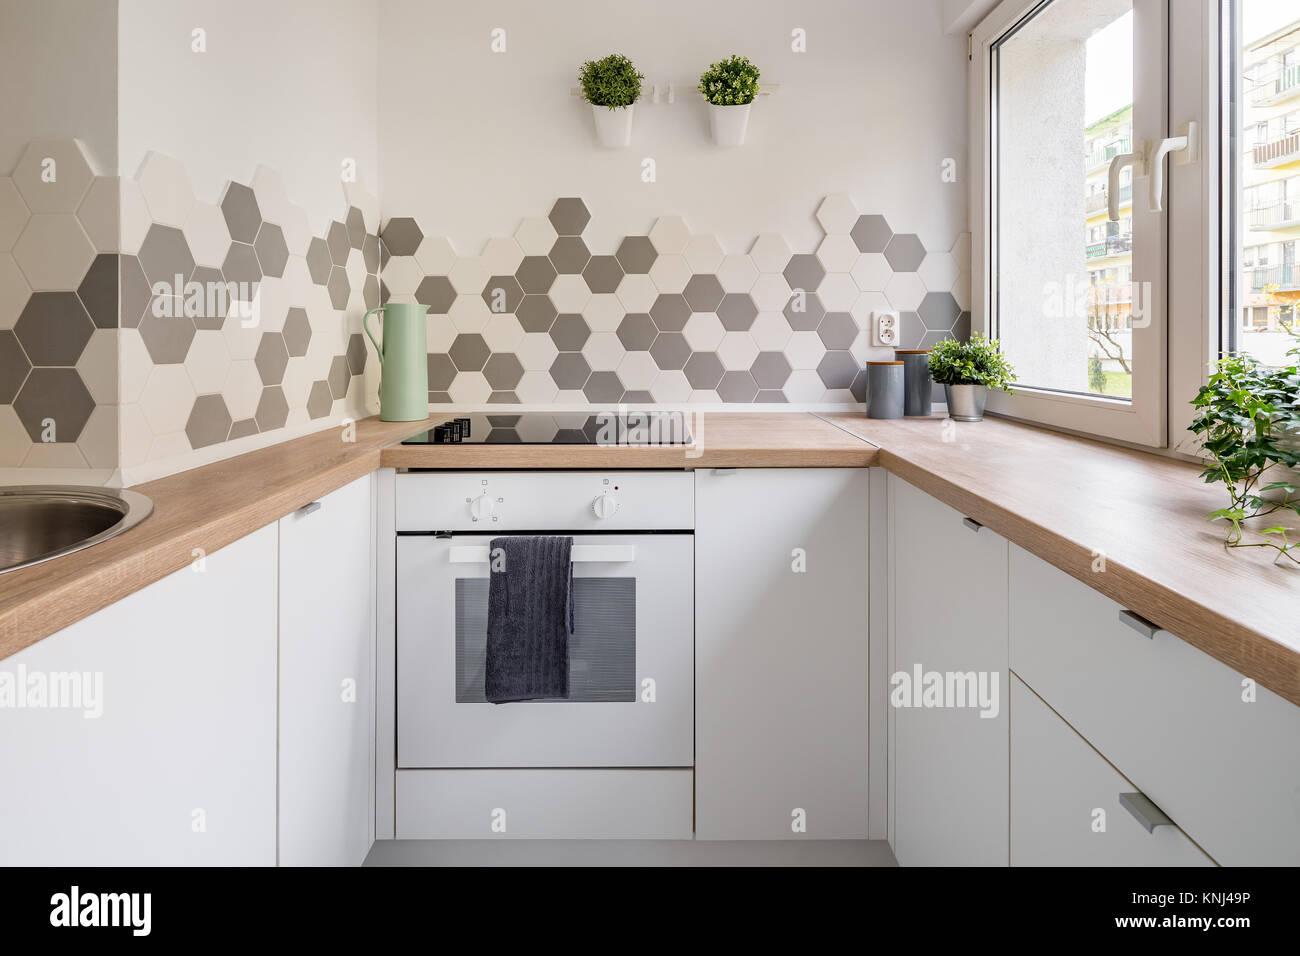 Küchen skandinavischen stil  Küche im skandinavischen Stil mit weißen Schränke, Holz ...